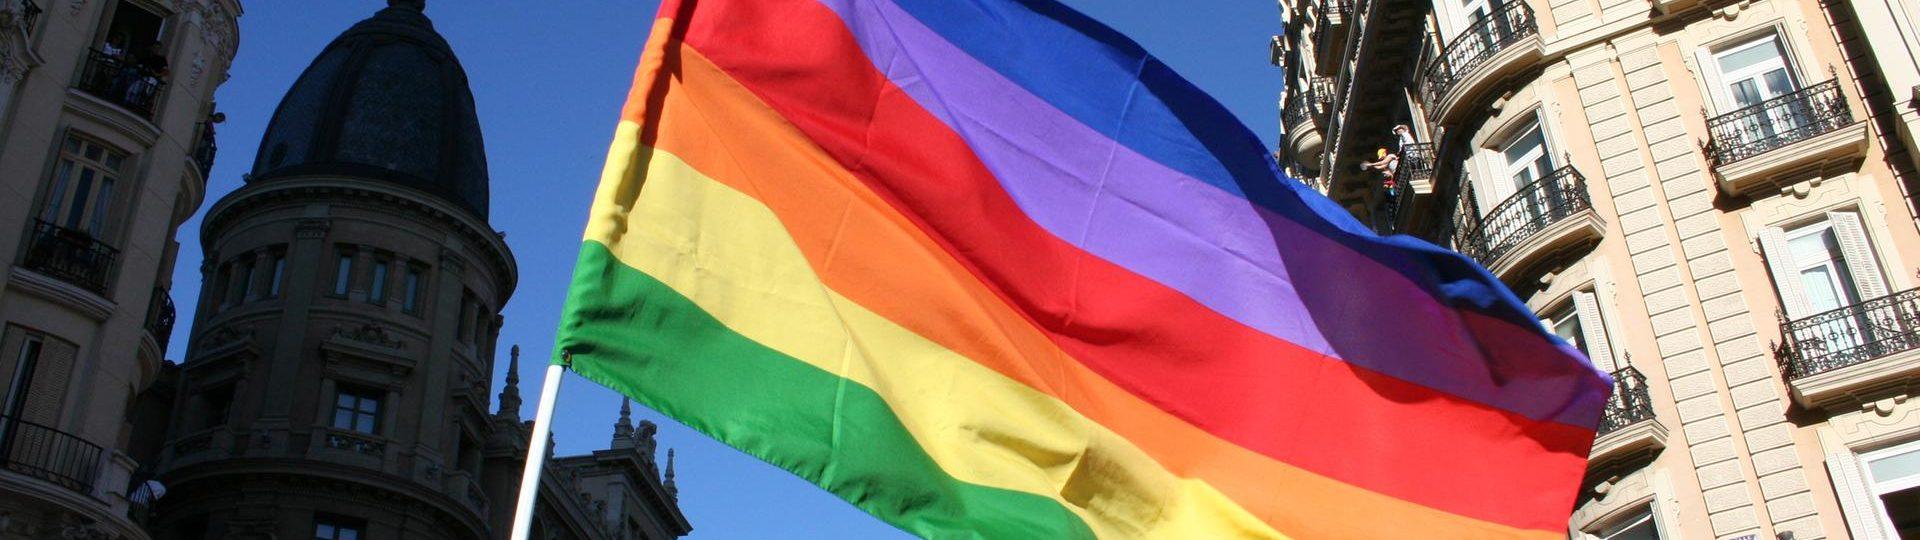 Madrid y el Gayismo – Adelante la Fe